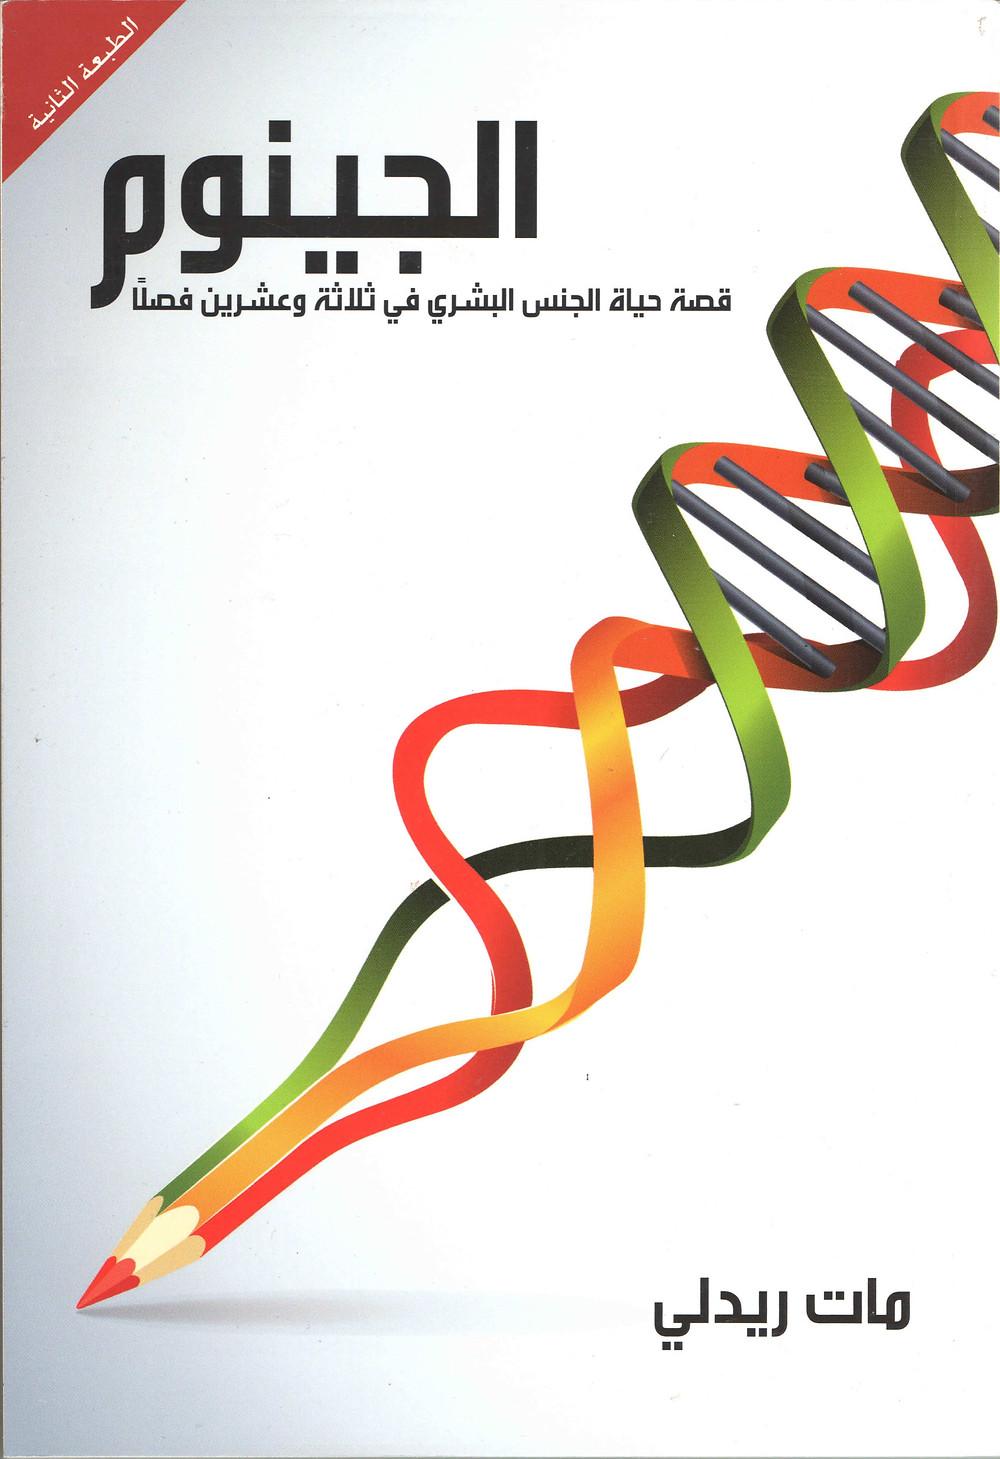 كتاب الجينوم.jpg